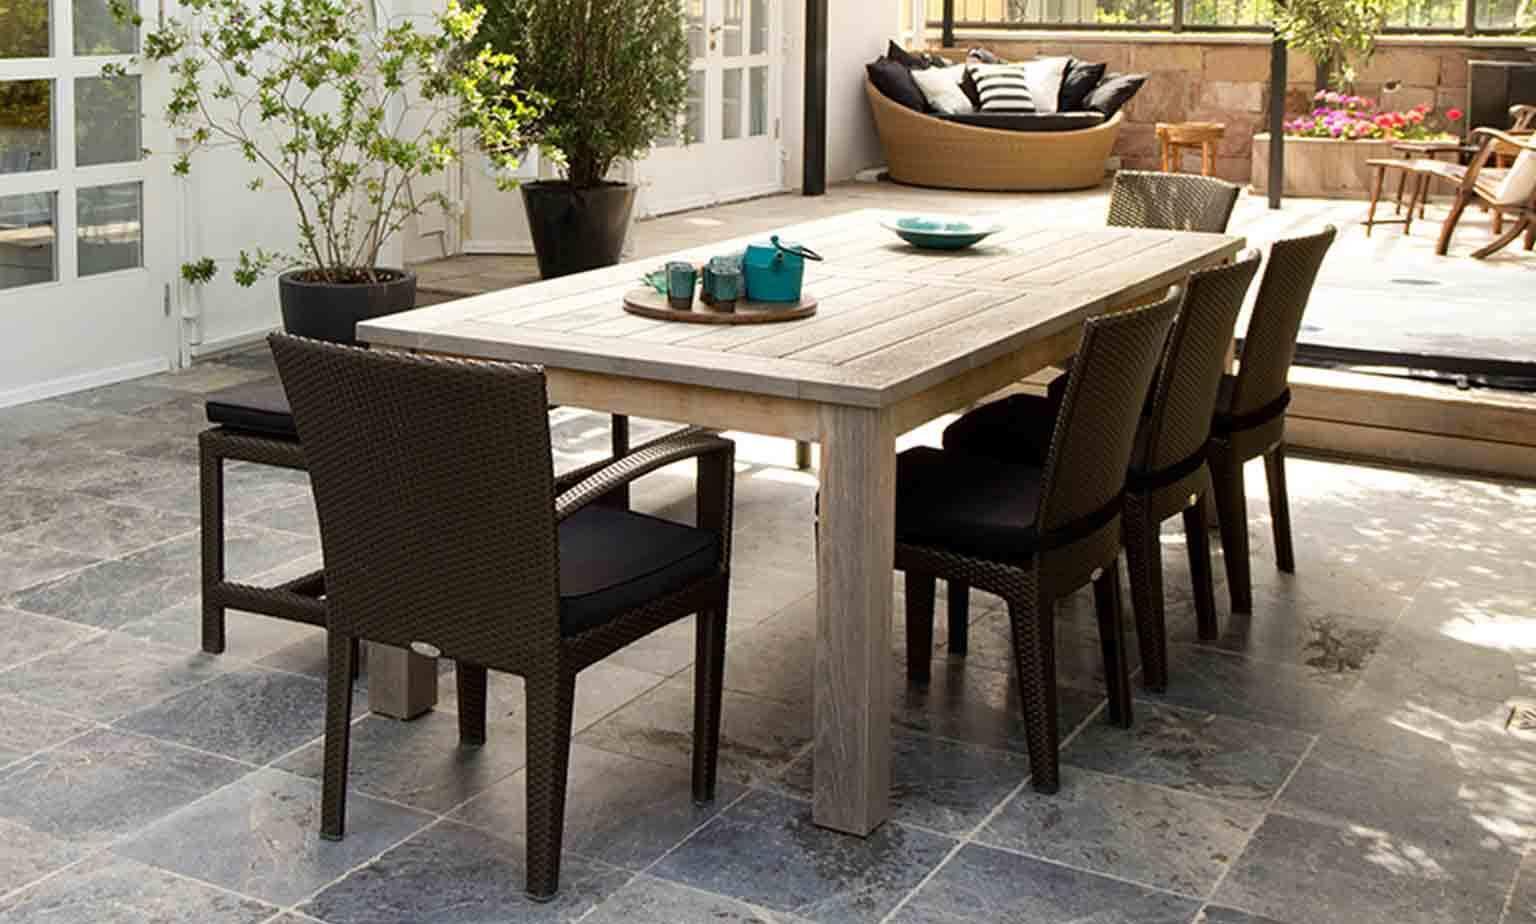 Garden Furniture from £90